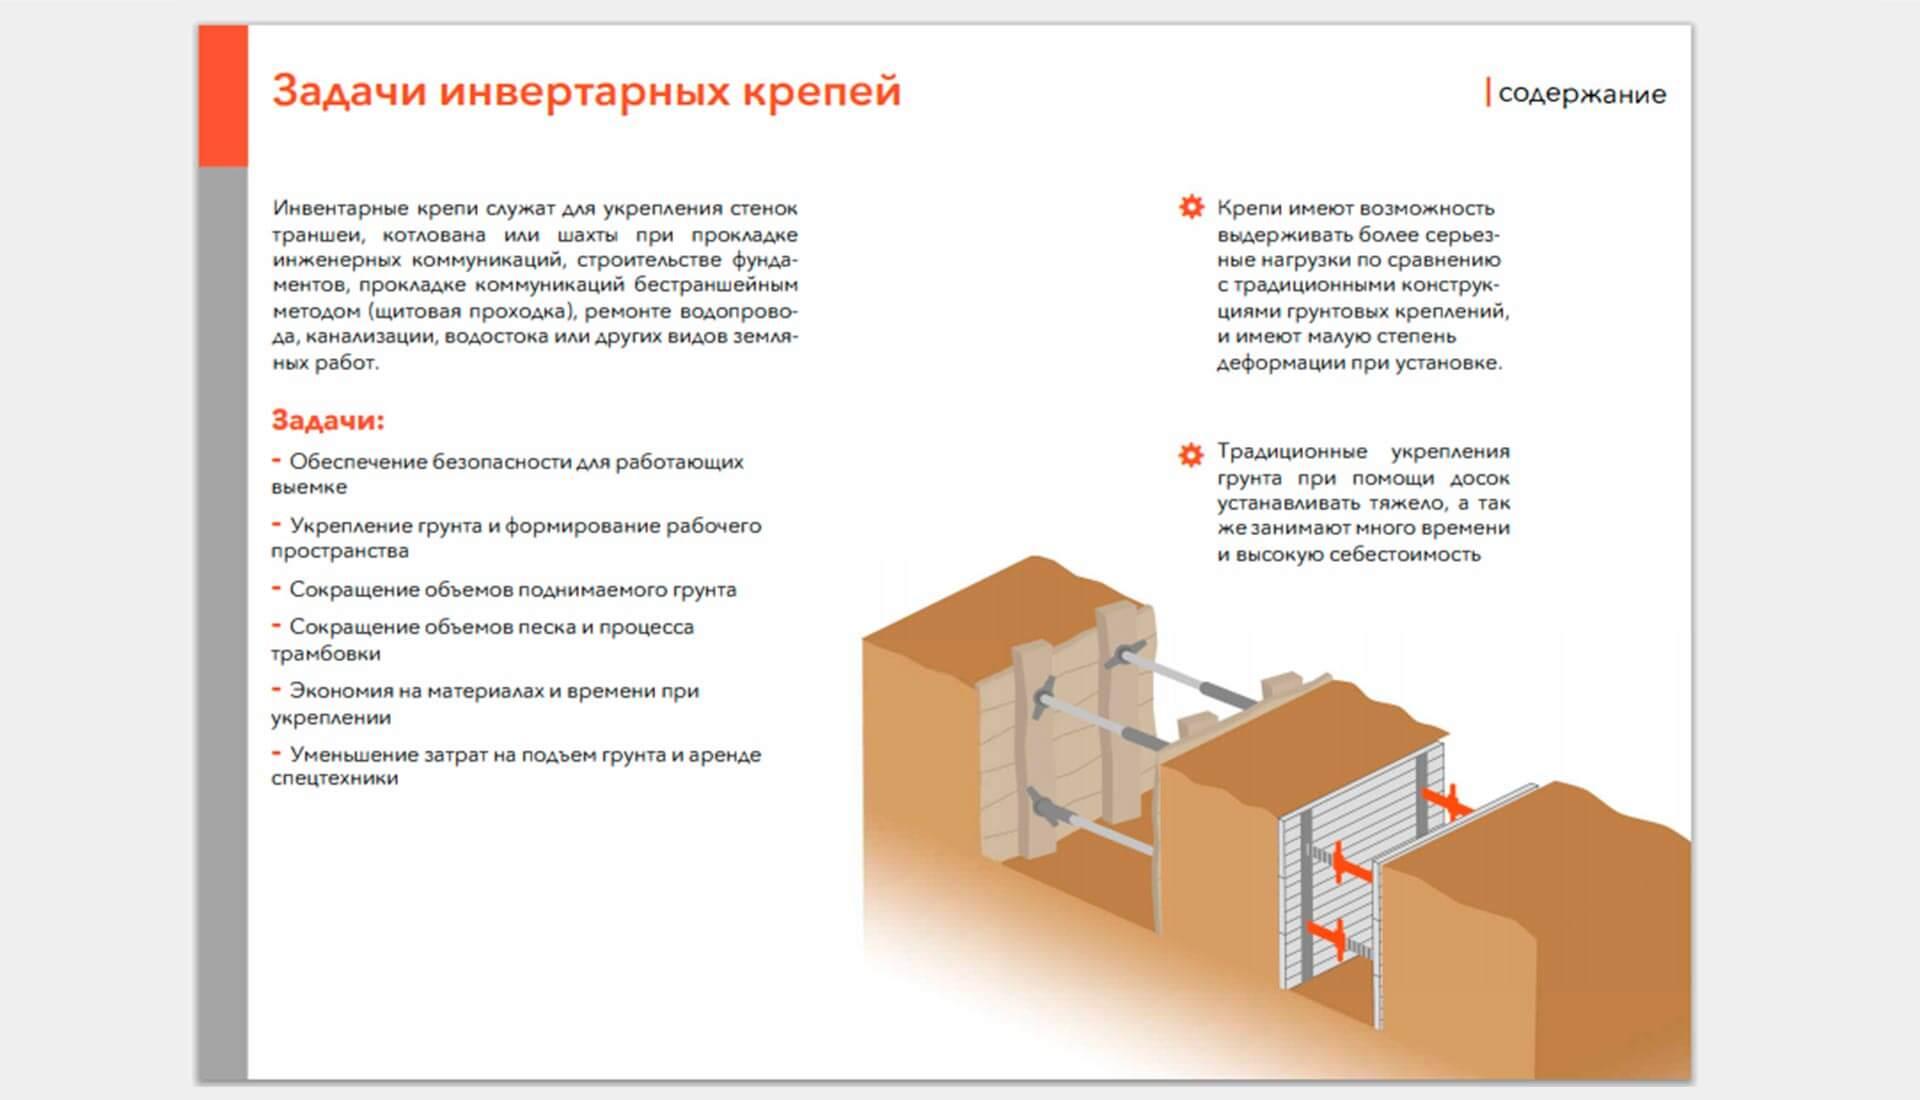 сайт по производству крепей скриншот